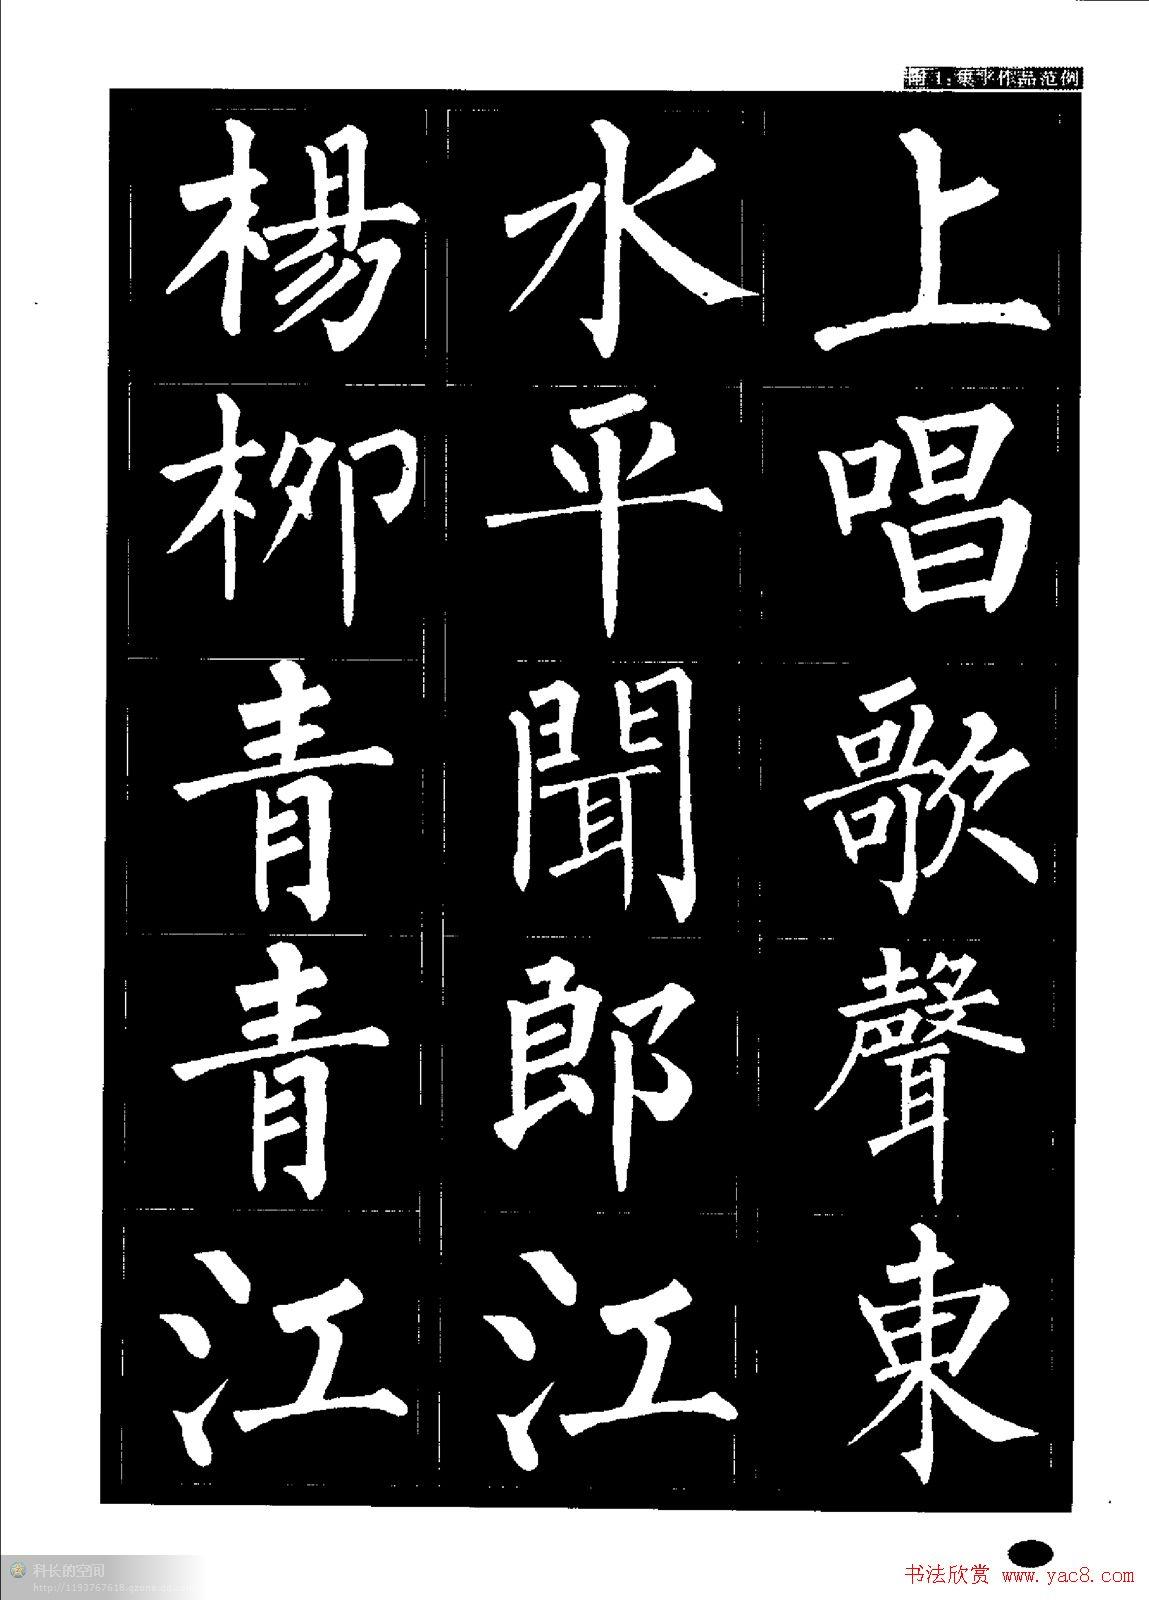 柳体楷书教程_楷书字帖_书法字